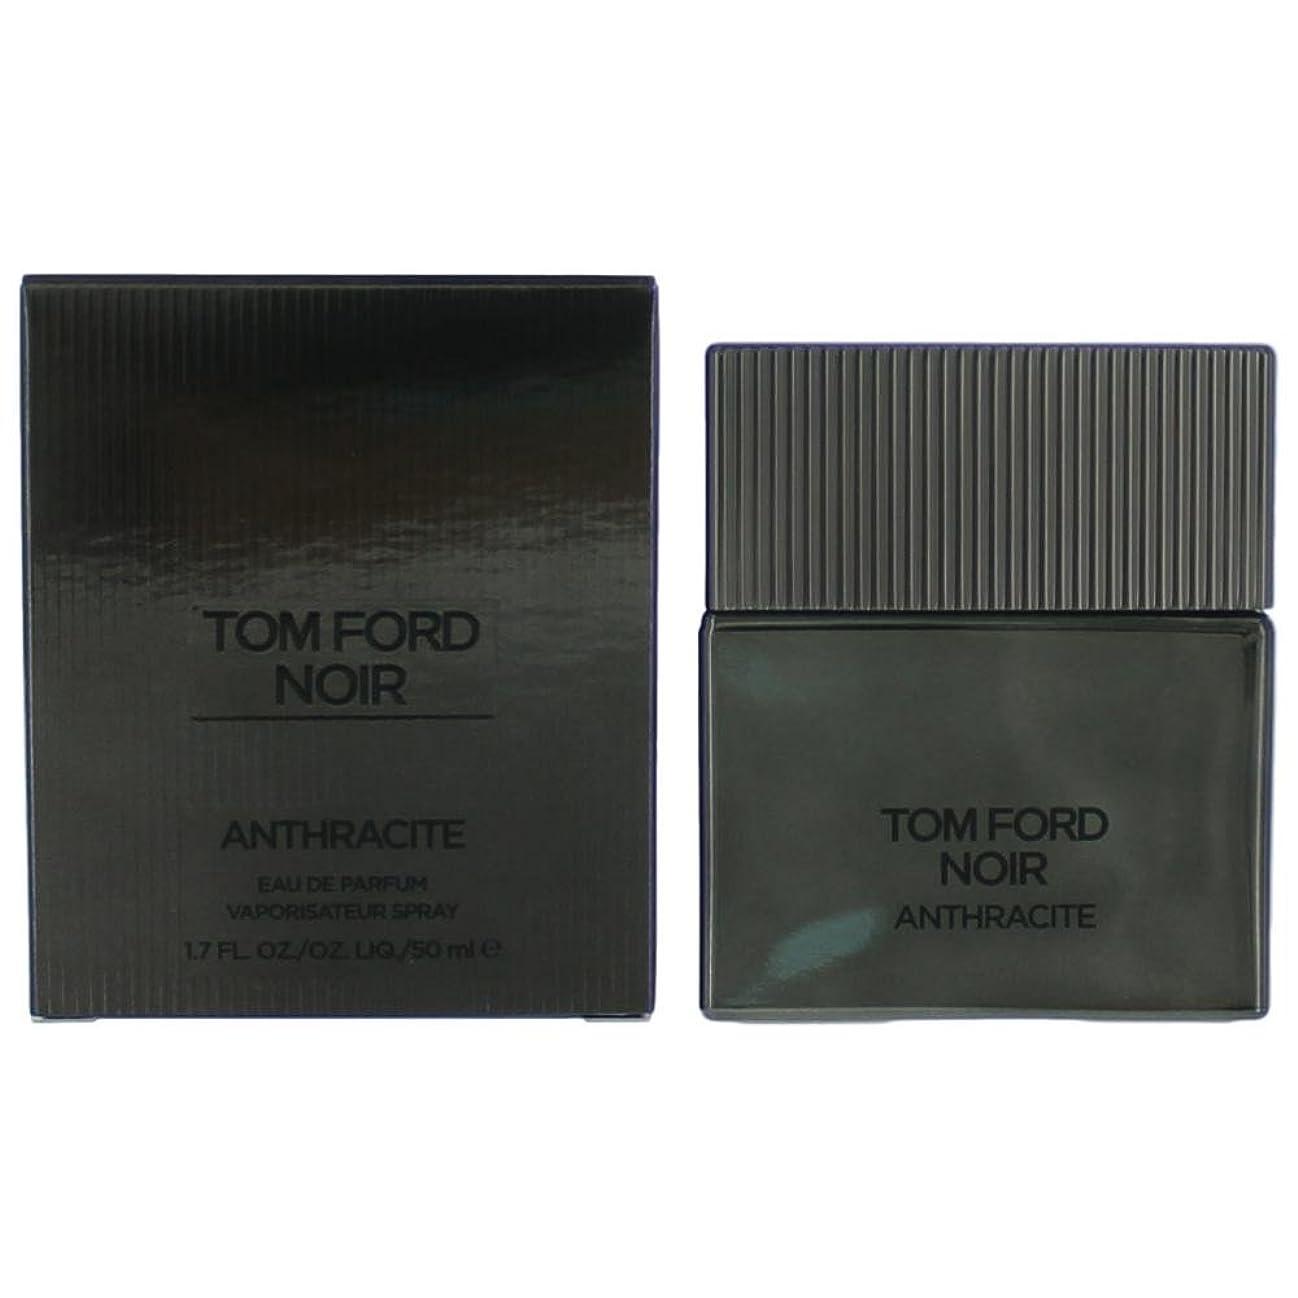 海洋事故猫背Tom Ford Noir Anthracite (トムフォード ノワール アンソラシット) 1.7 oz (50ml) EDP Spray for Men